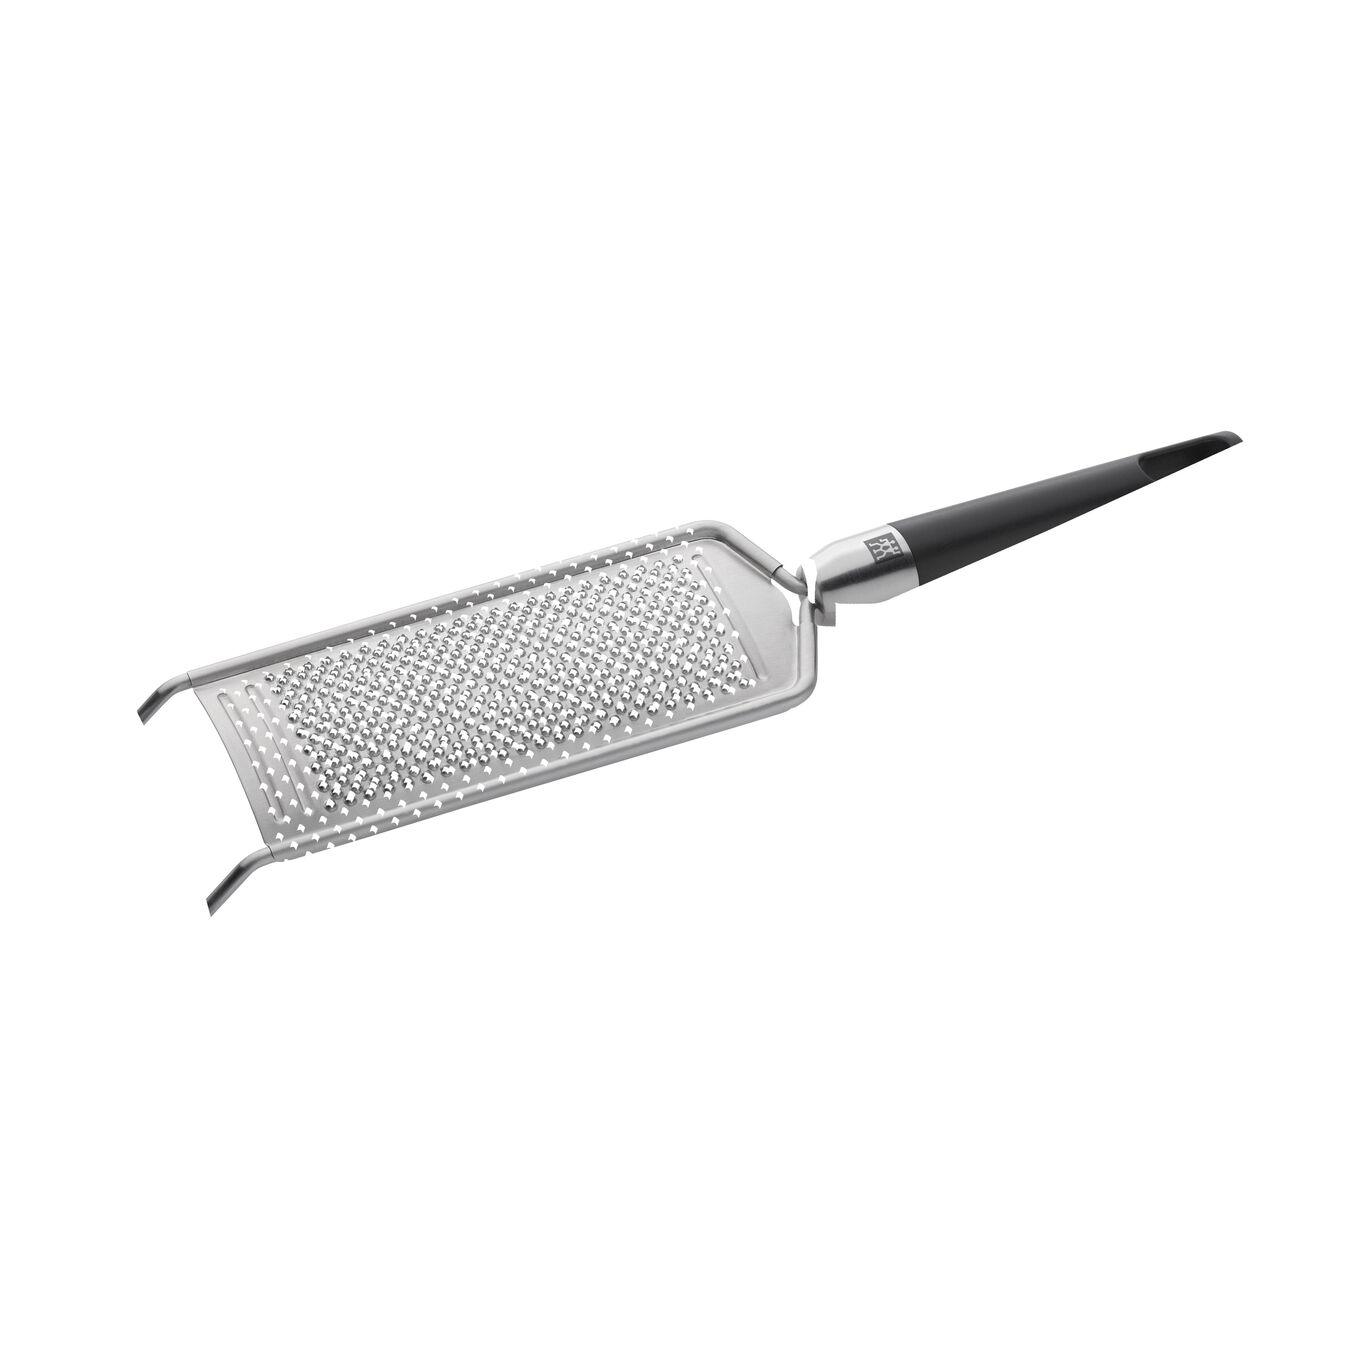 Rende   Siyah   18/10 Paslanmaz Çelik   30 cm,,large 1